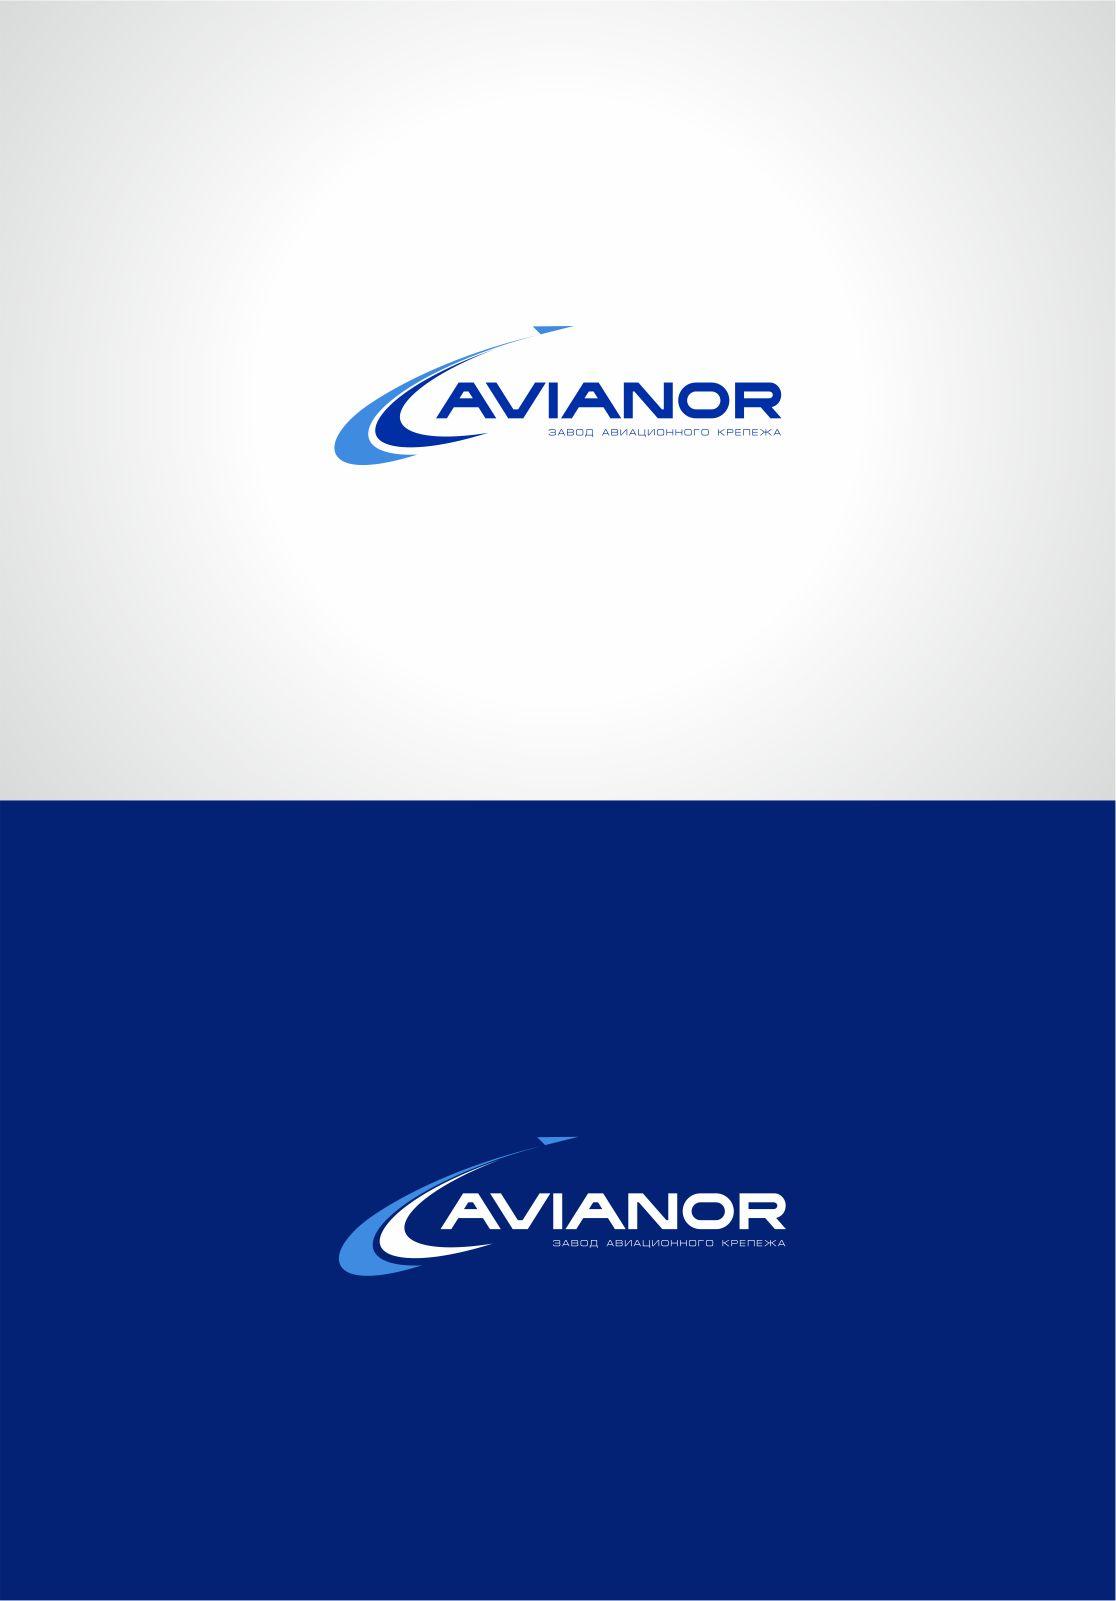 Нужен логотип и фирменный стиль для завода фото f_930528cfd6926a90.jpg